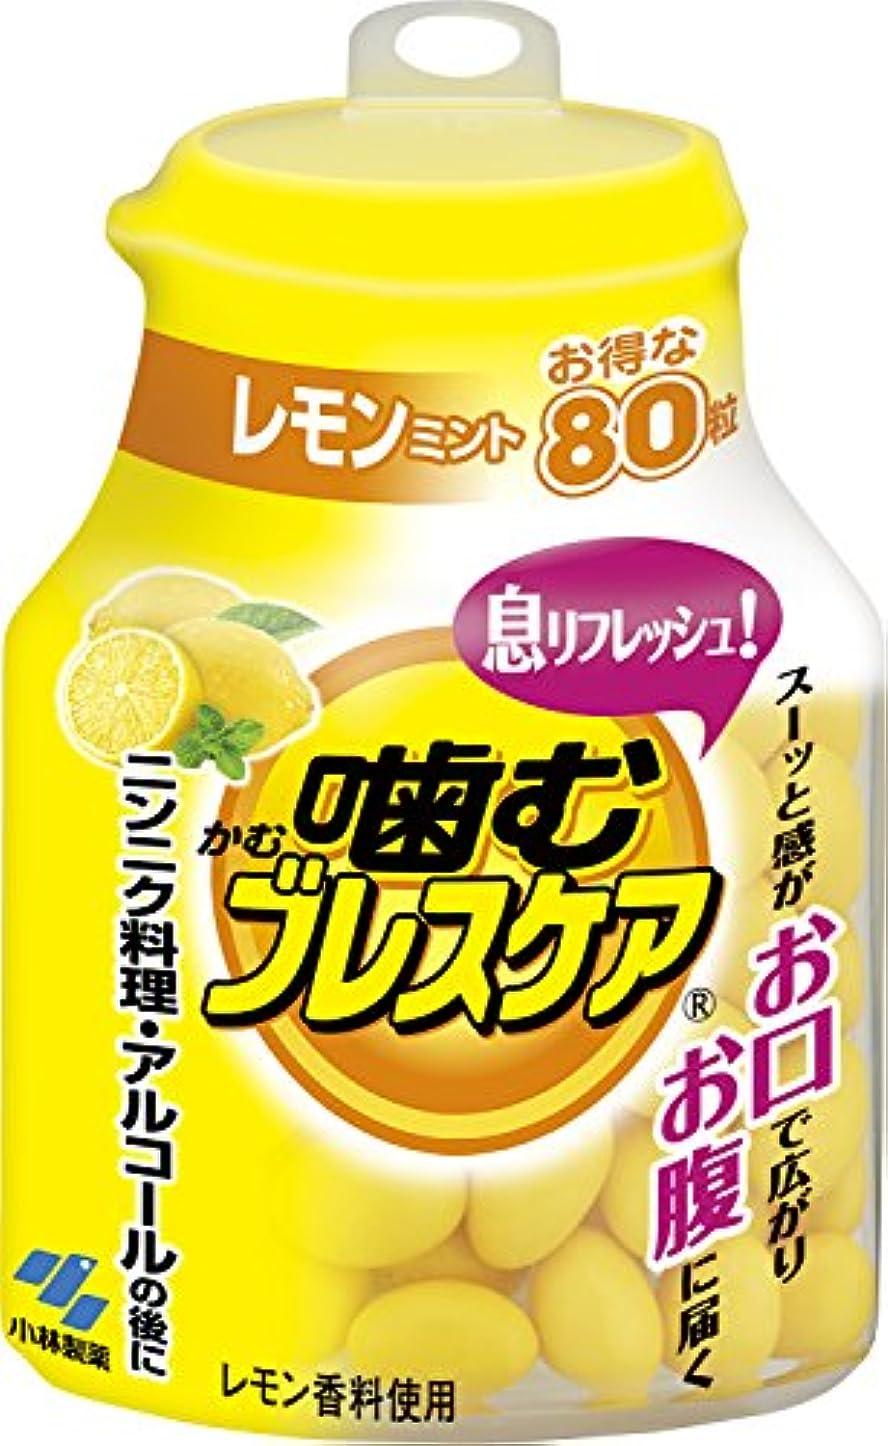 リファイン同僚爆風噛むブレスケア レモンミント 80粒